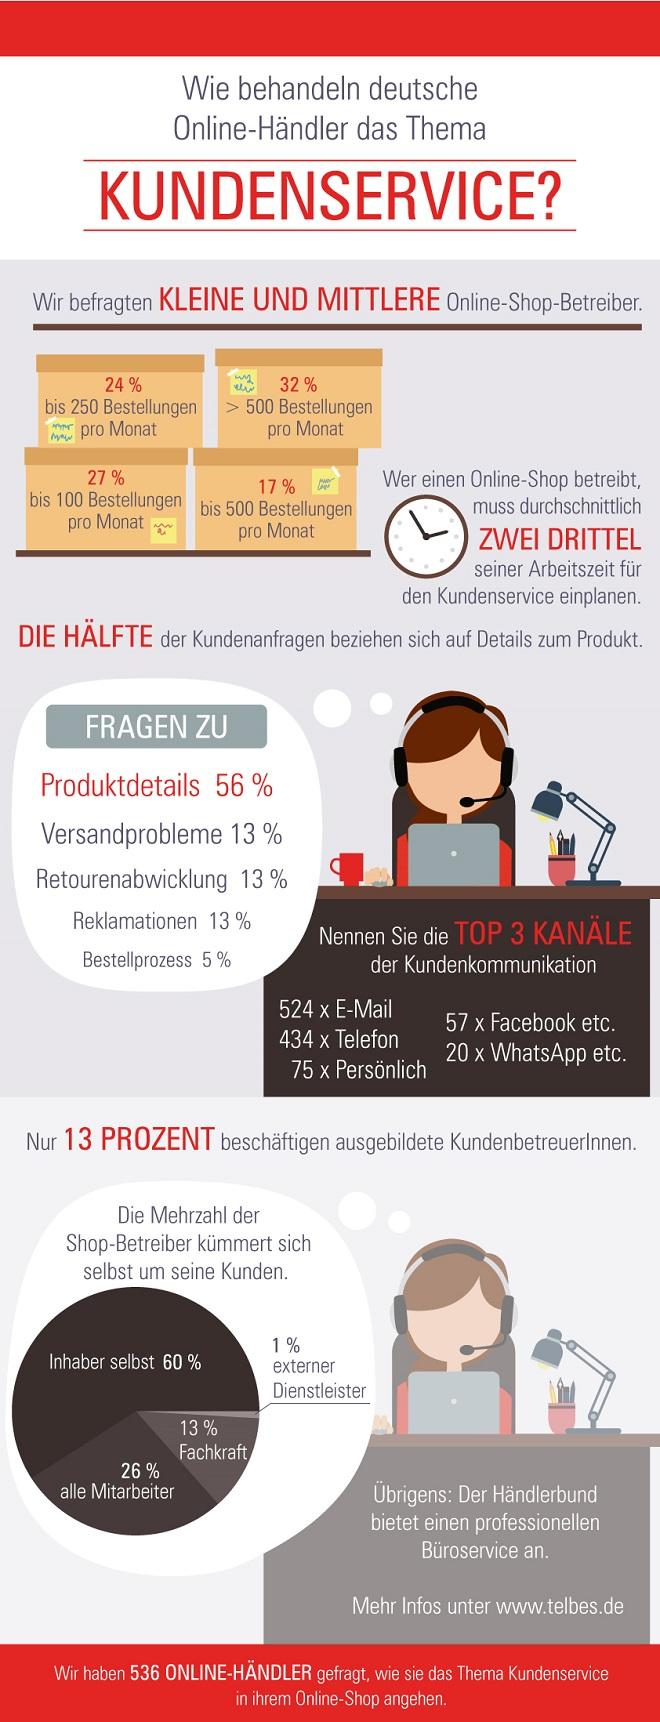 Kundenservice_infografik_660 Kundenservice: Worauf müssen sich Shopbetreiber einstellen?